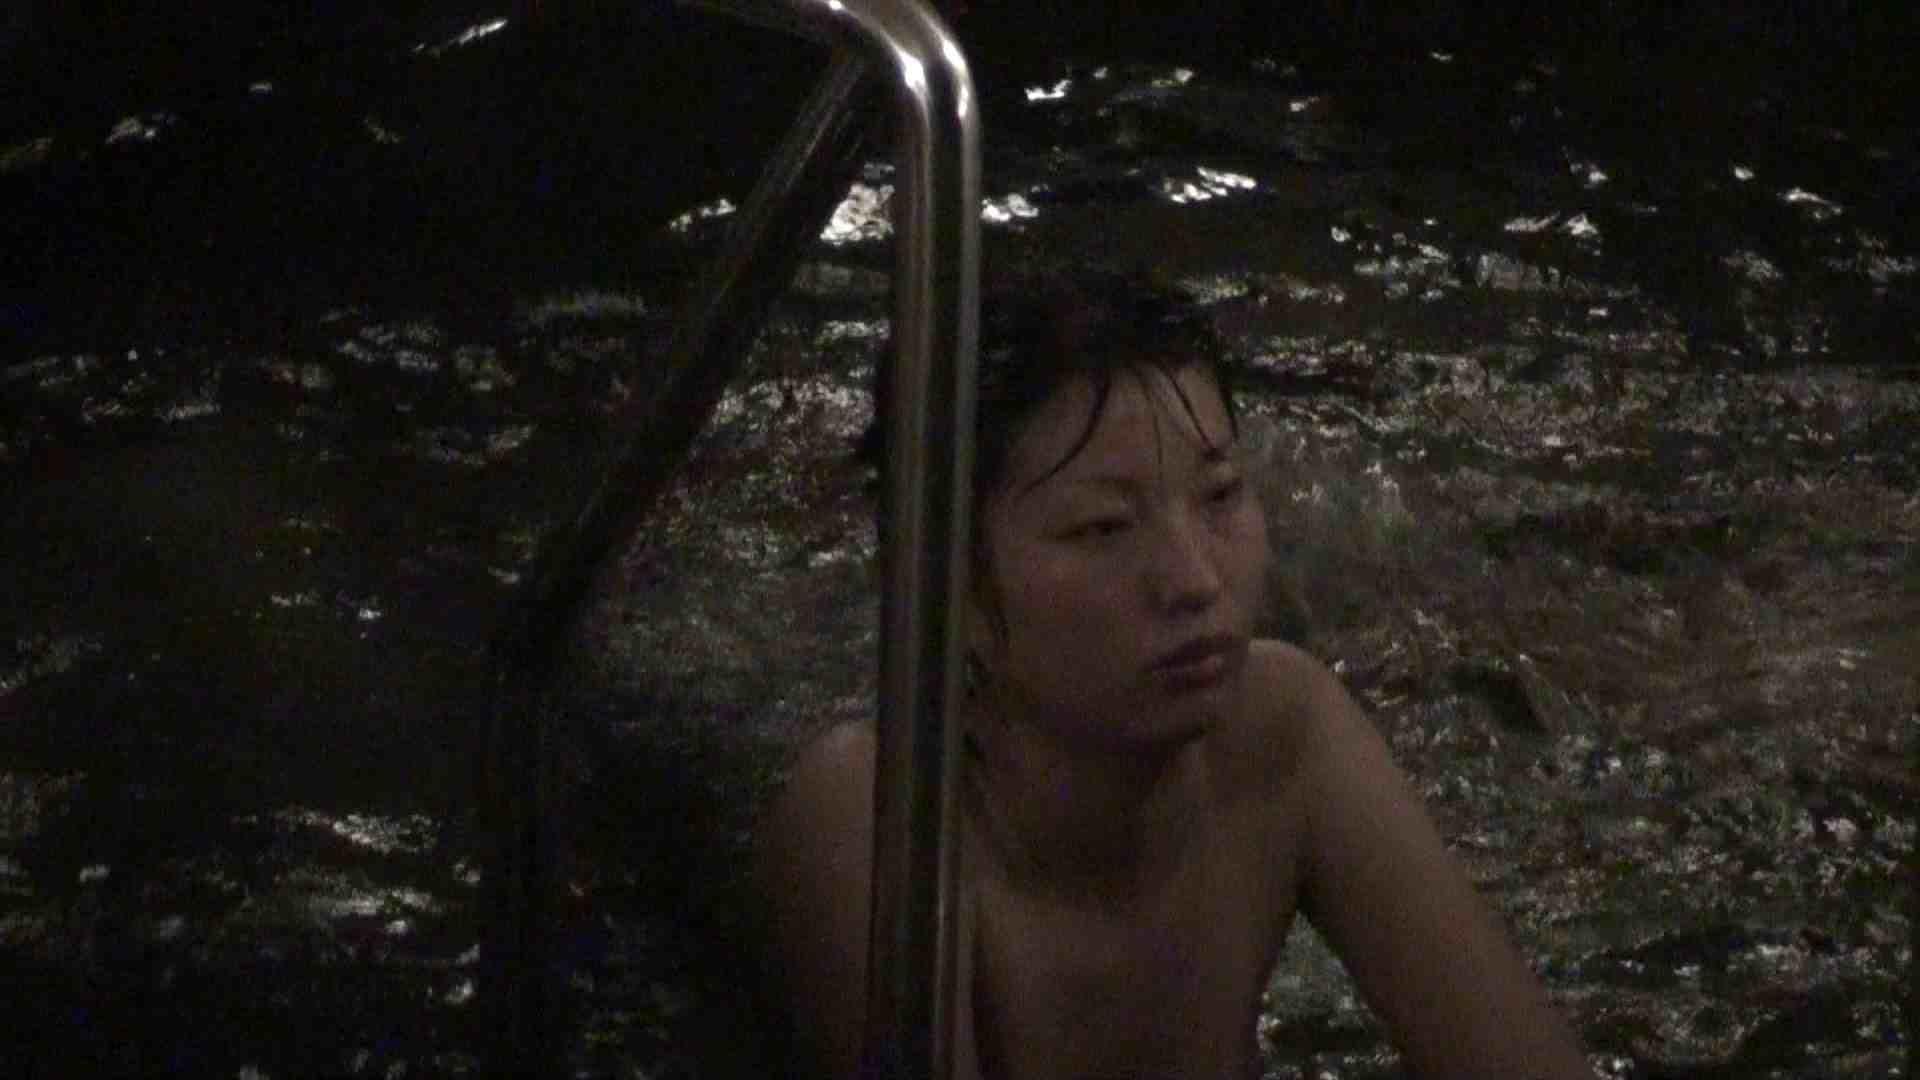 Aquaな露天風呂Vol.379 OL  90pic 49